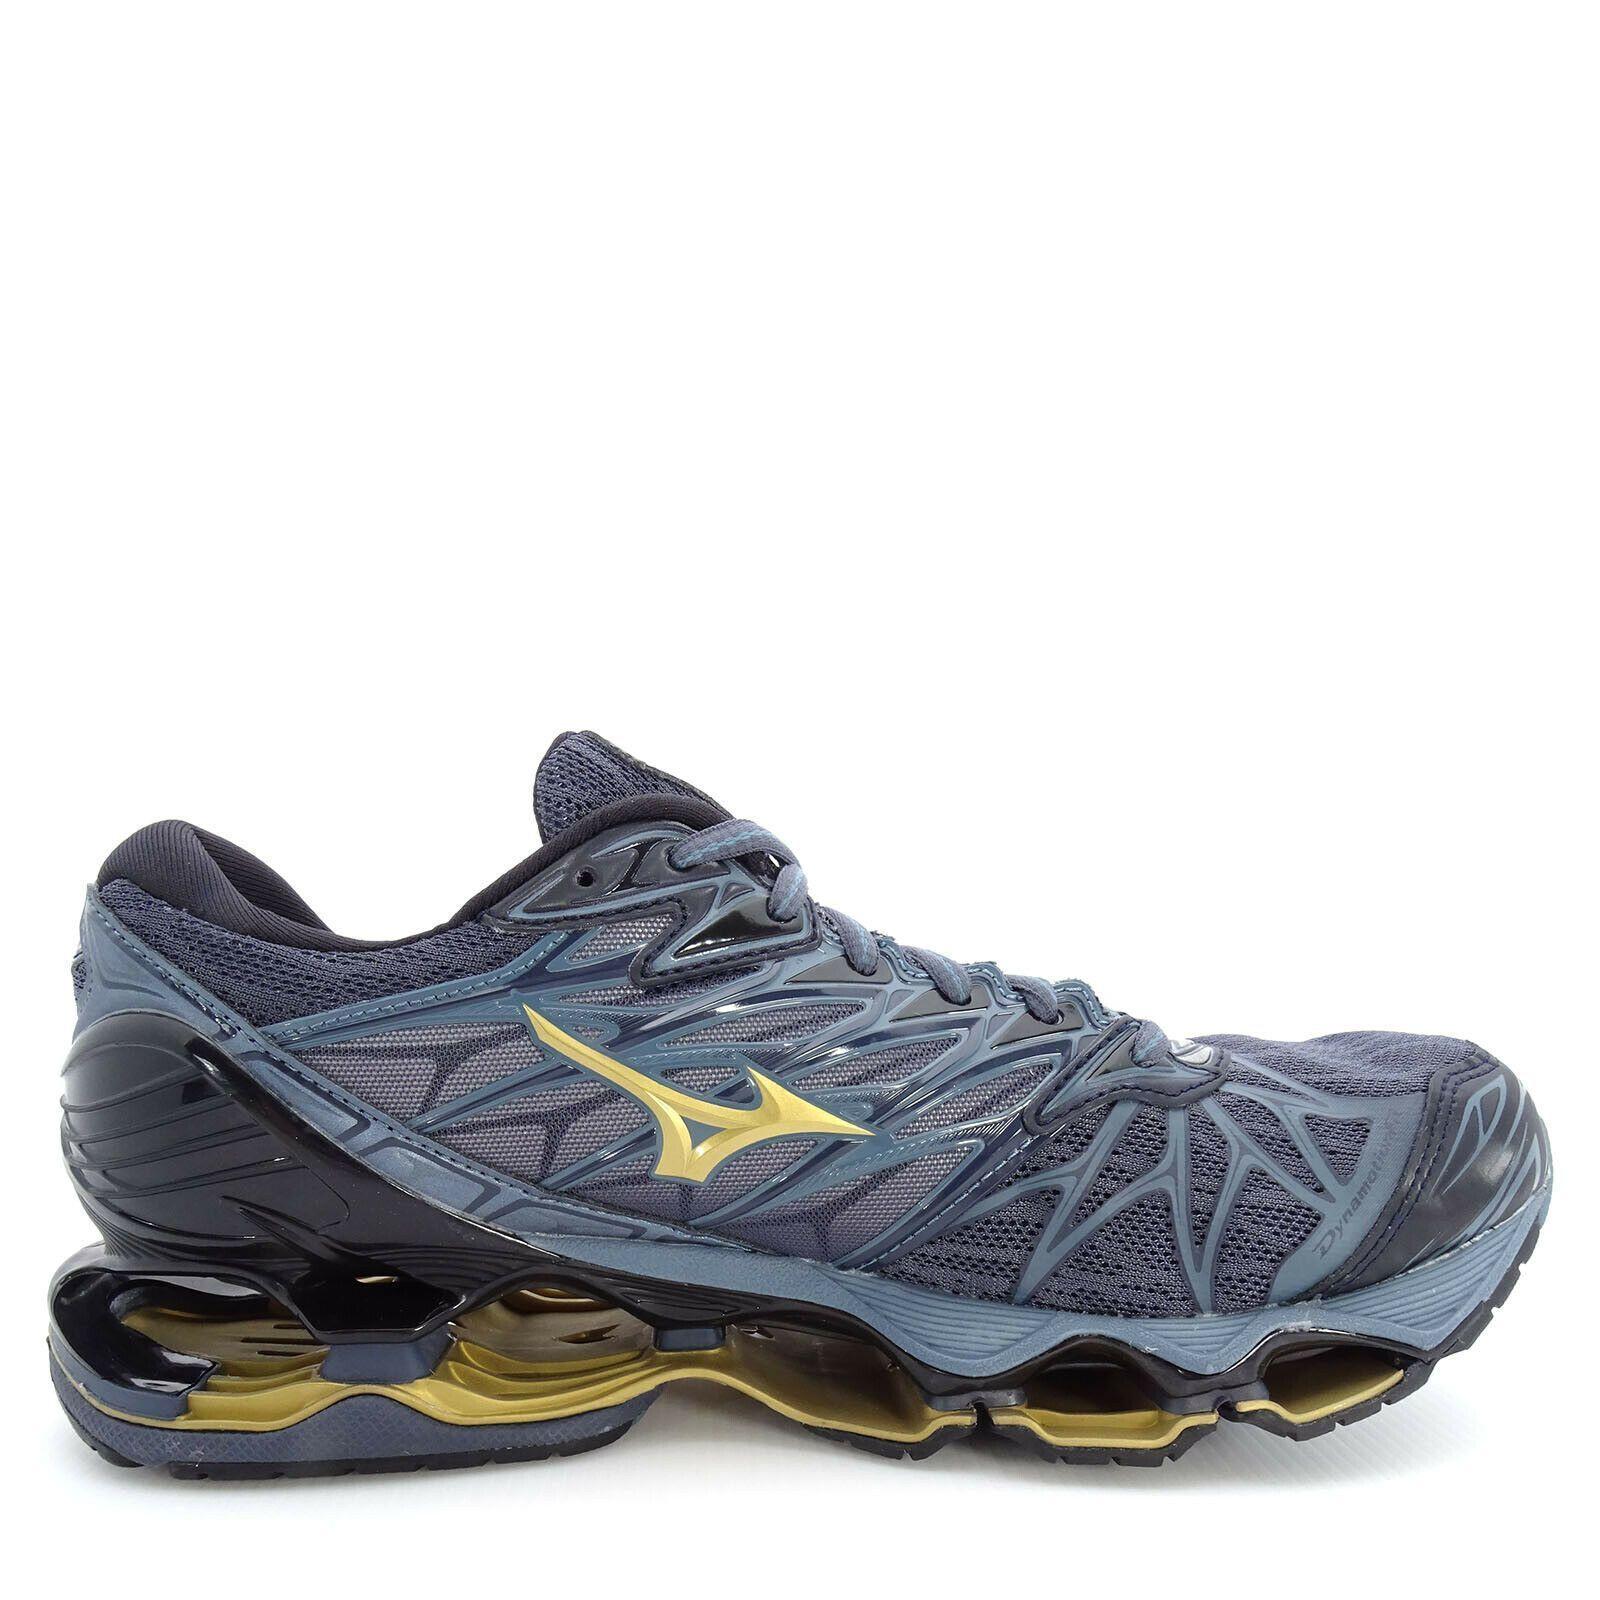 נעלי מיזונו פרופסי לגבר Mizuno Wave Prophecy 7 J1gc180050 In 2020 Mizuno Sneakers Sport Shoes